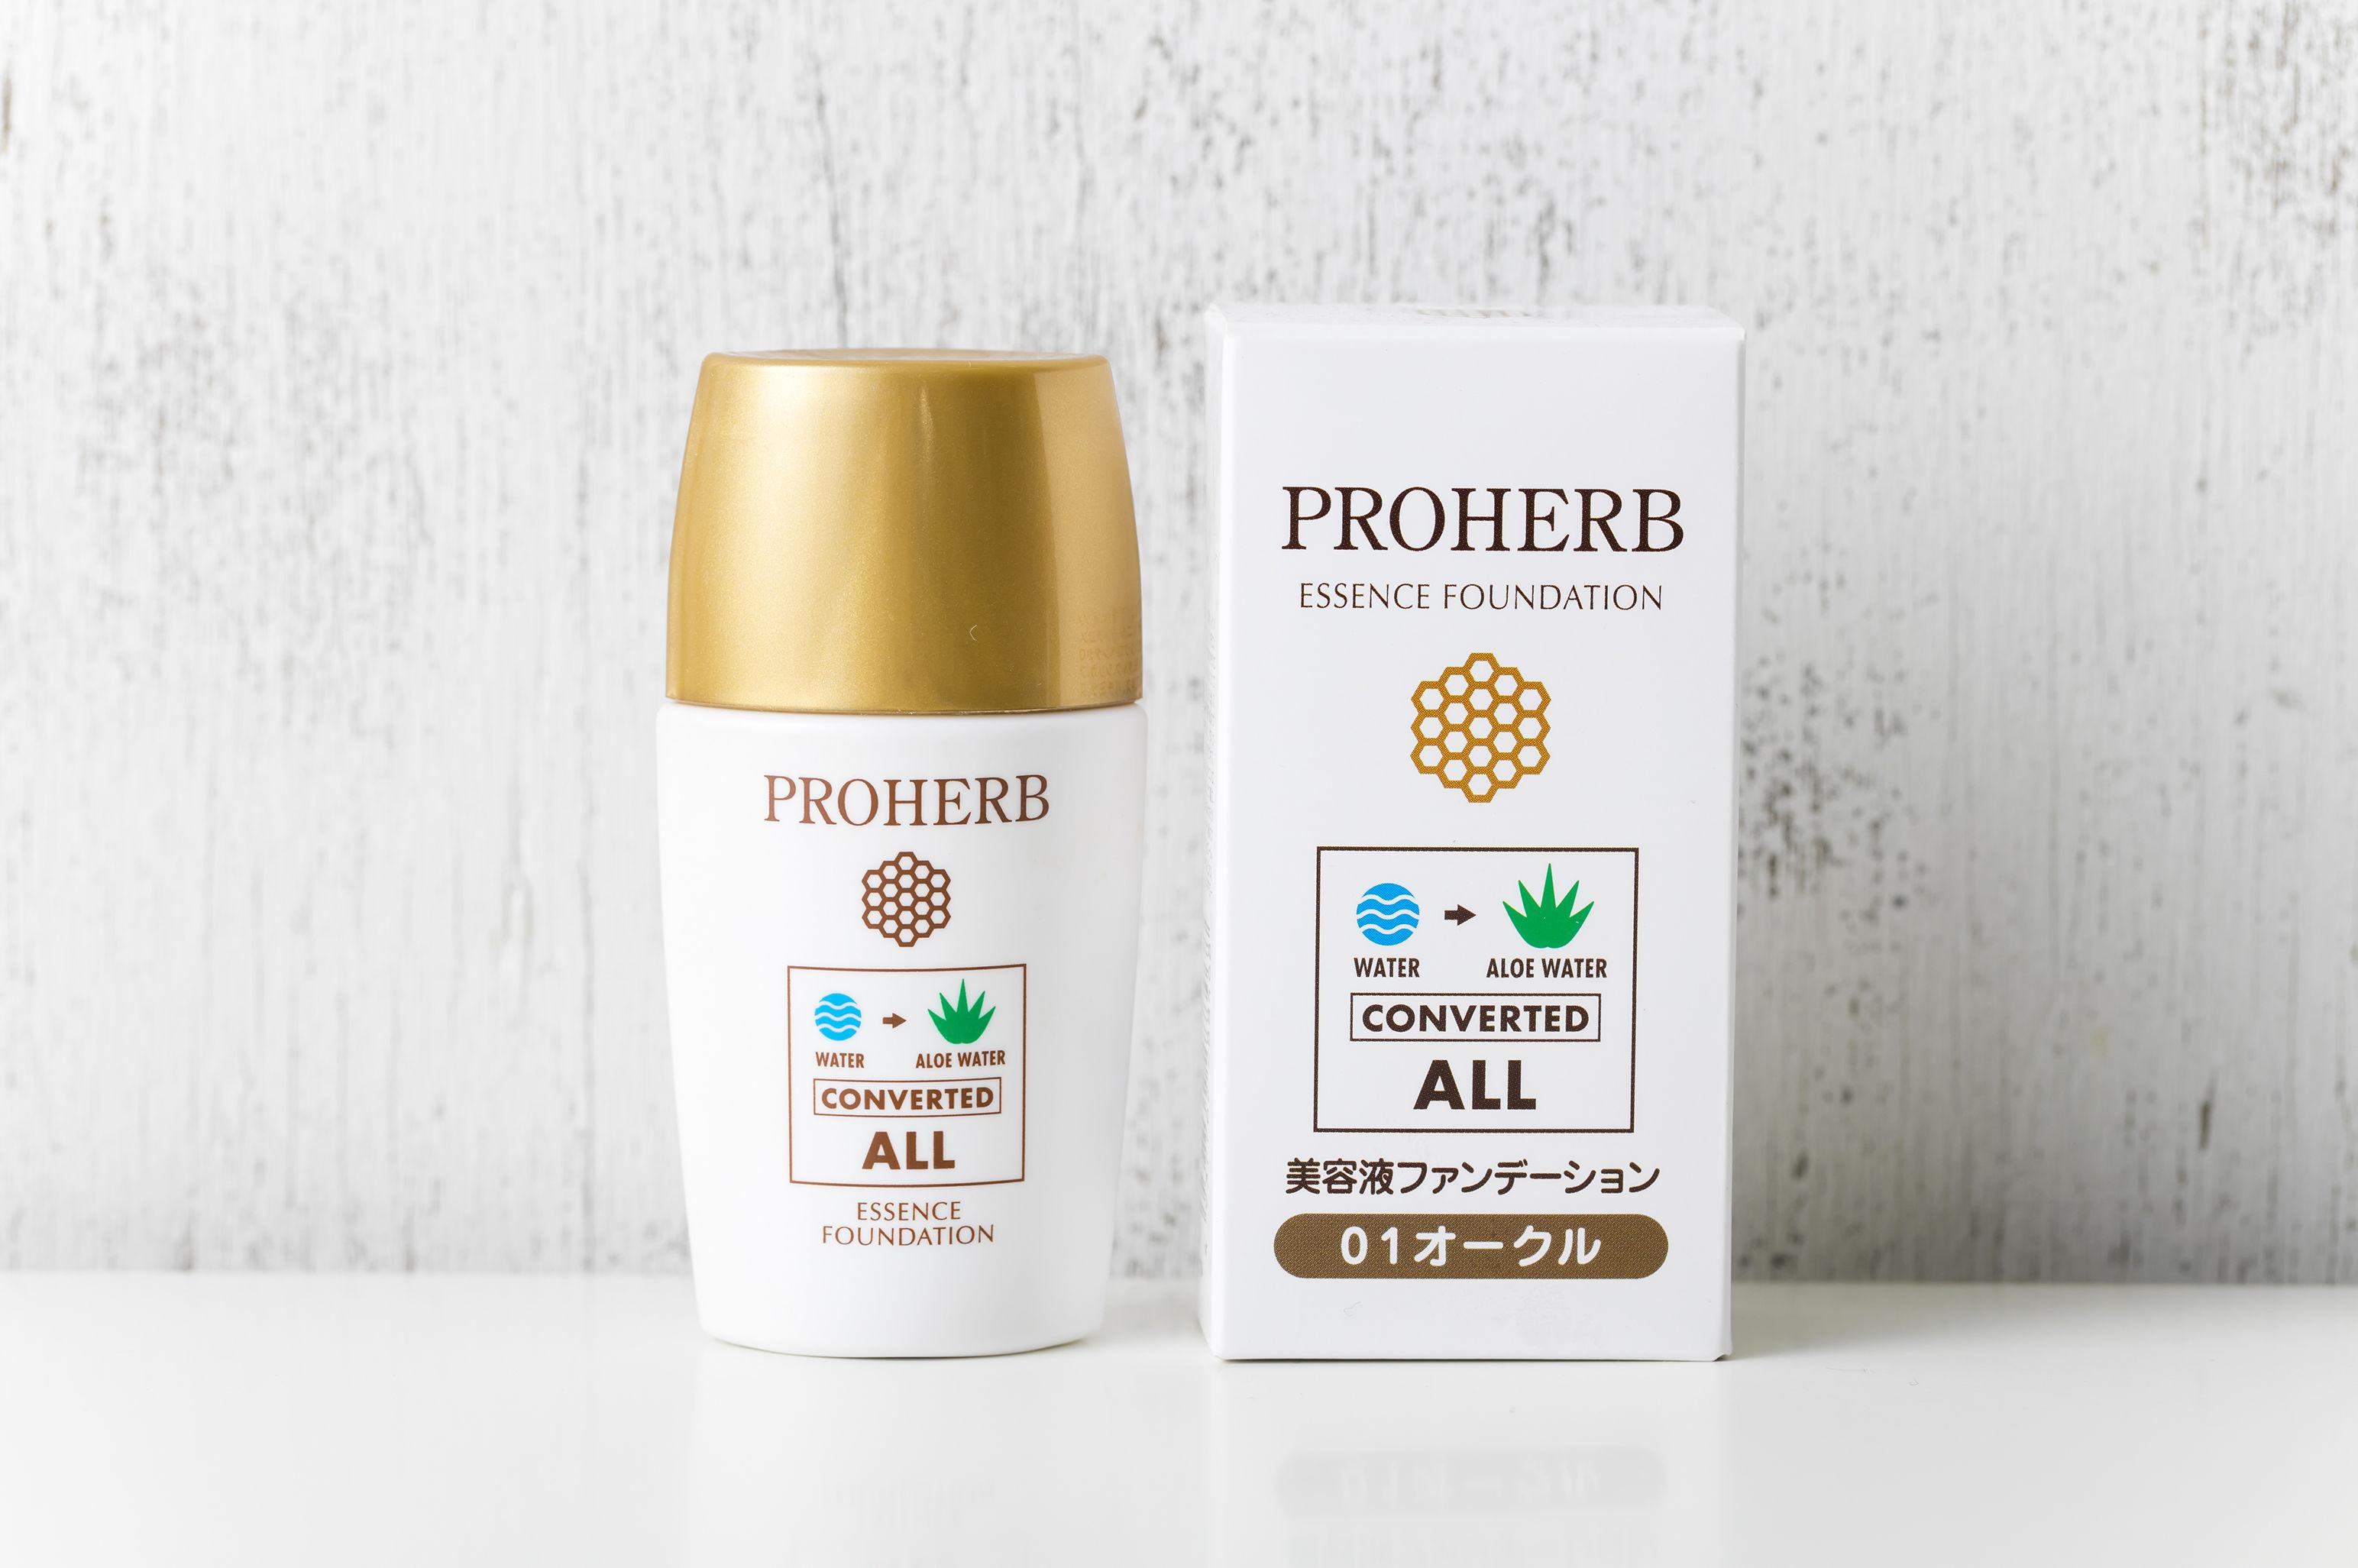 プロハーブ美容液ファンデーション  安心安全の極み 